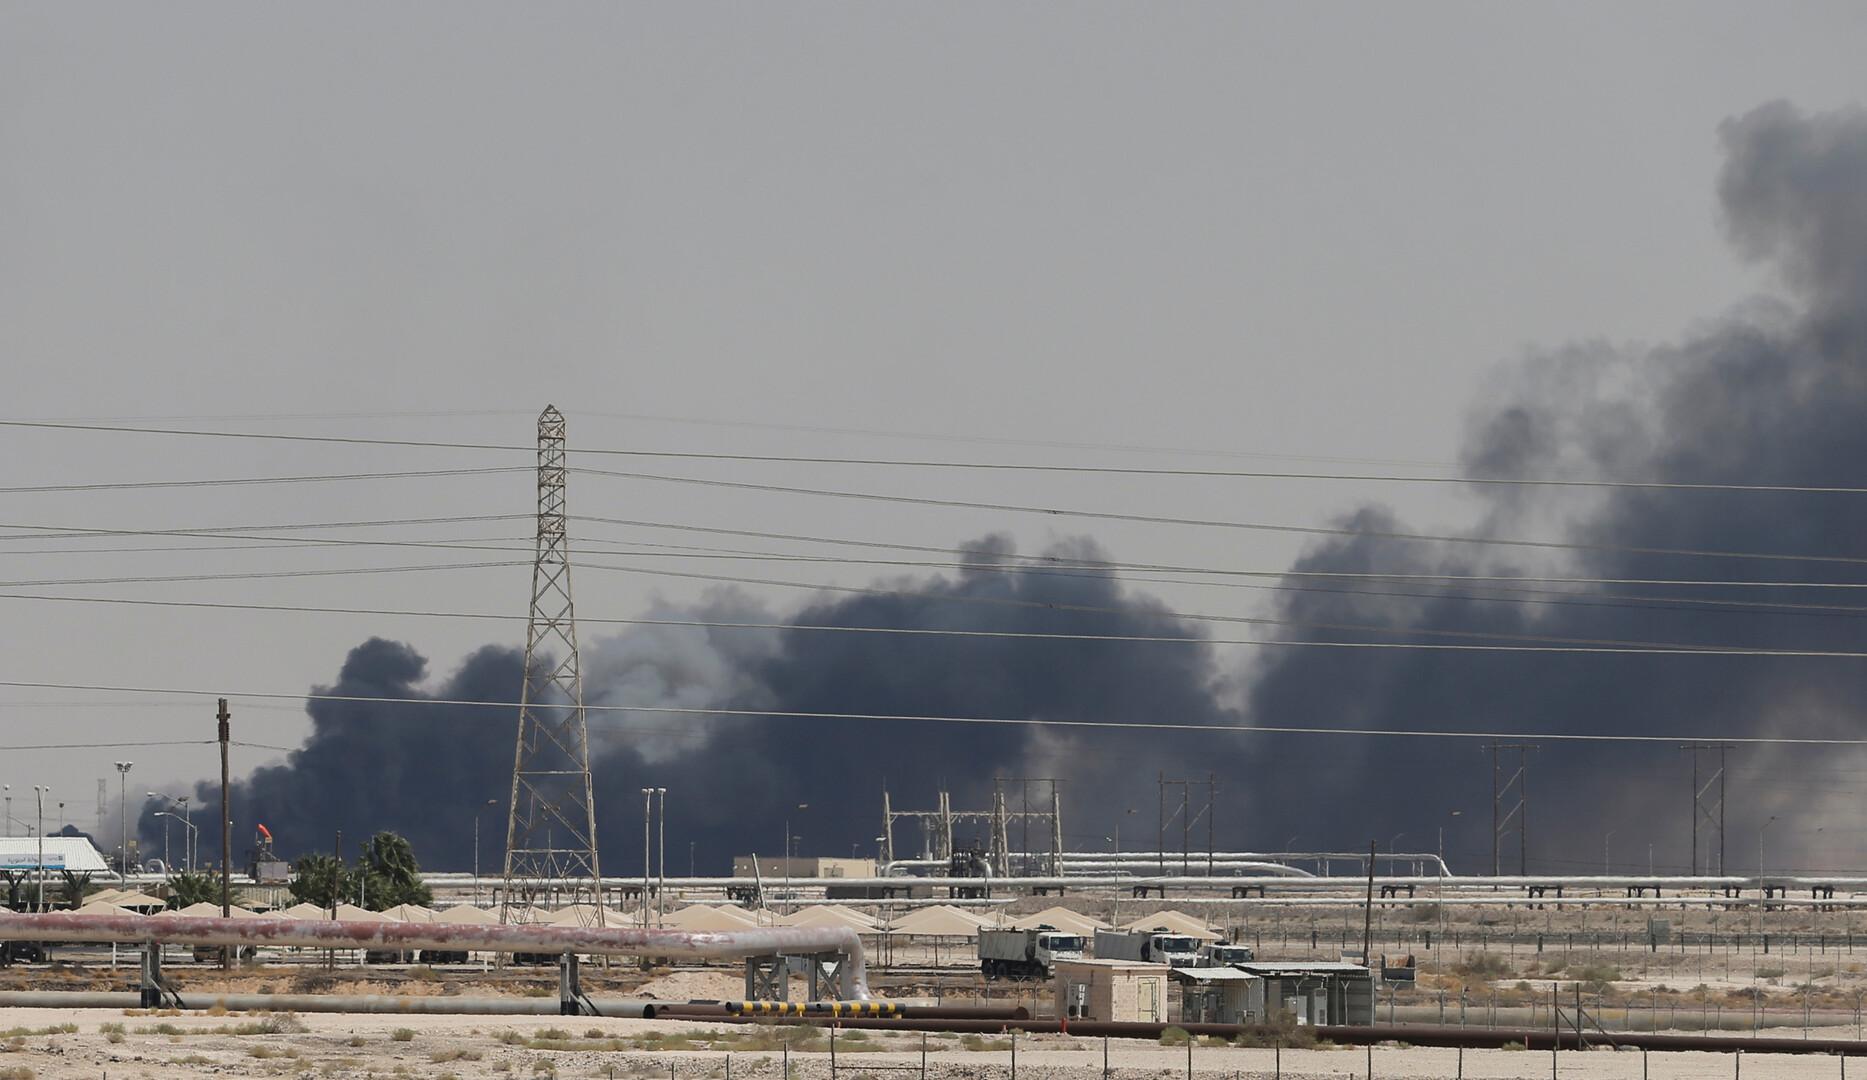 صحيفة: السعودية توقف أكثر من نصف إنتاجها للنفط بعد هجوم الحوثيين